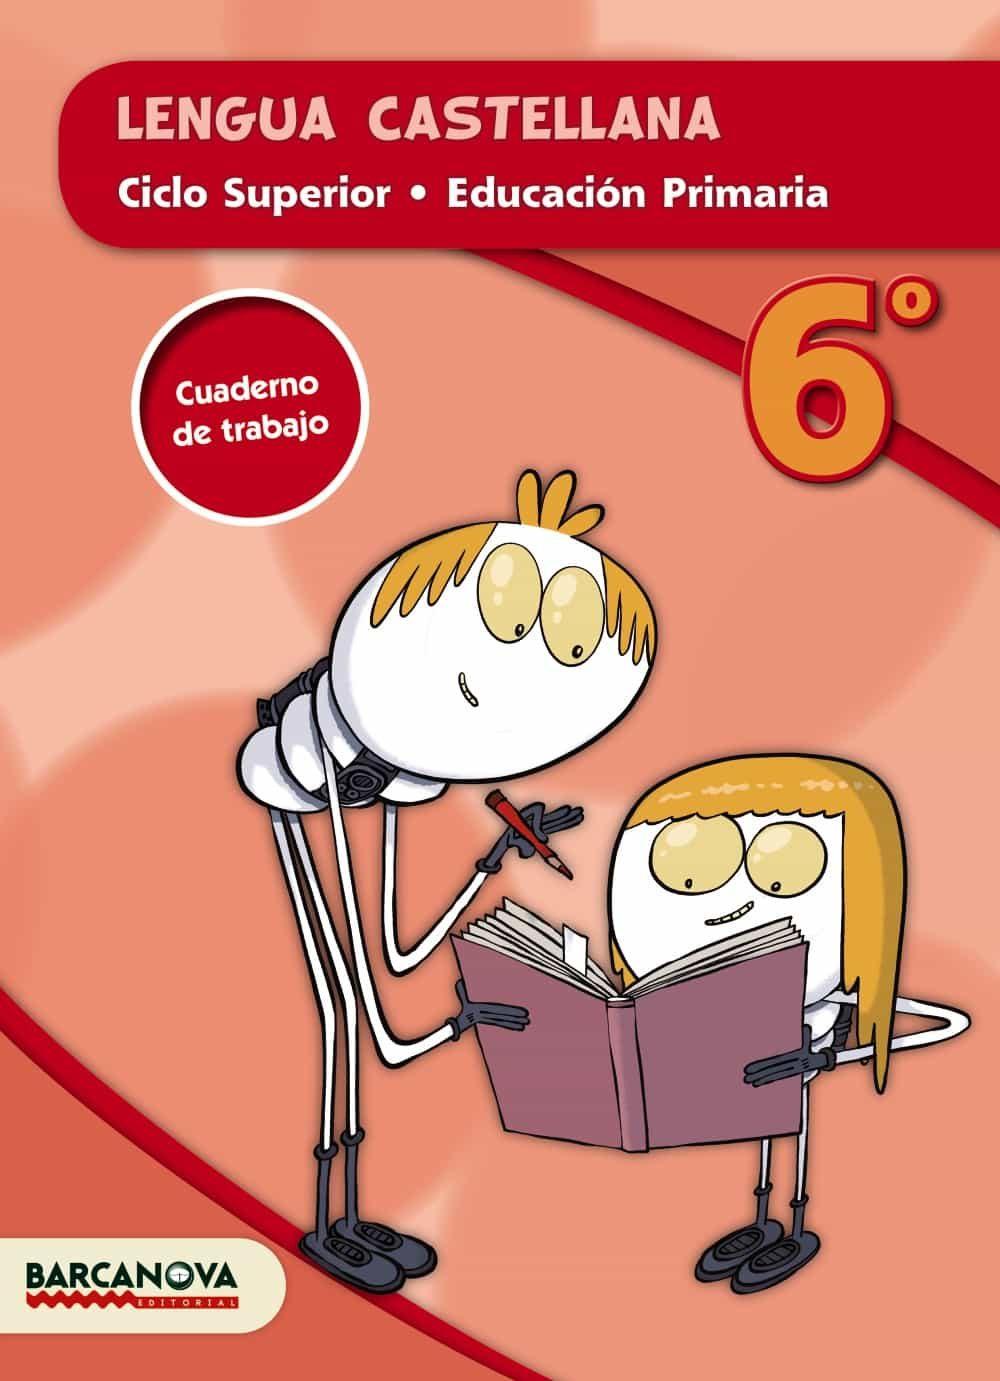 Lengua Castellana Cs. Quaderno 6º Educacion Primaria Catalunya / Ill - Vv.aa.